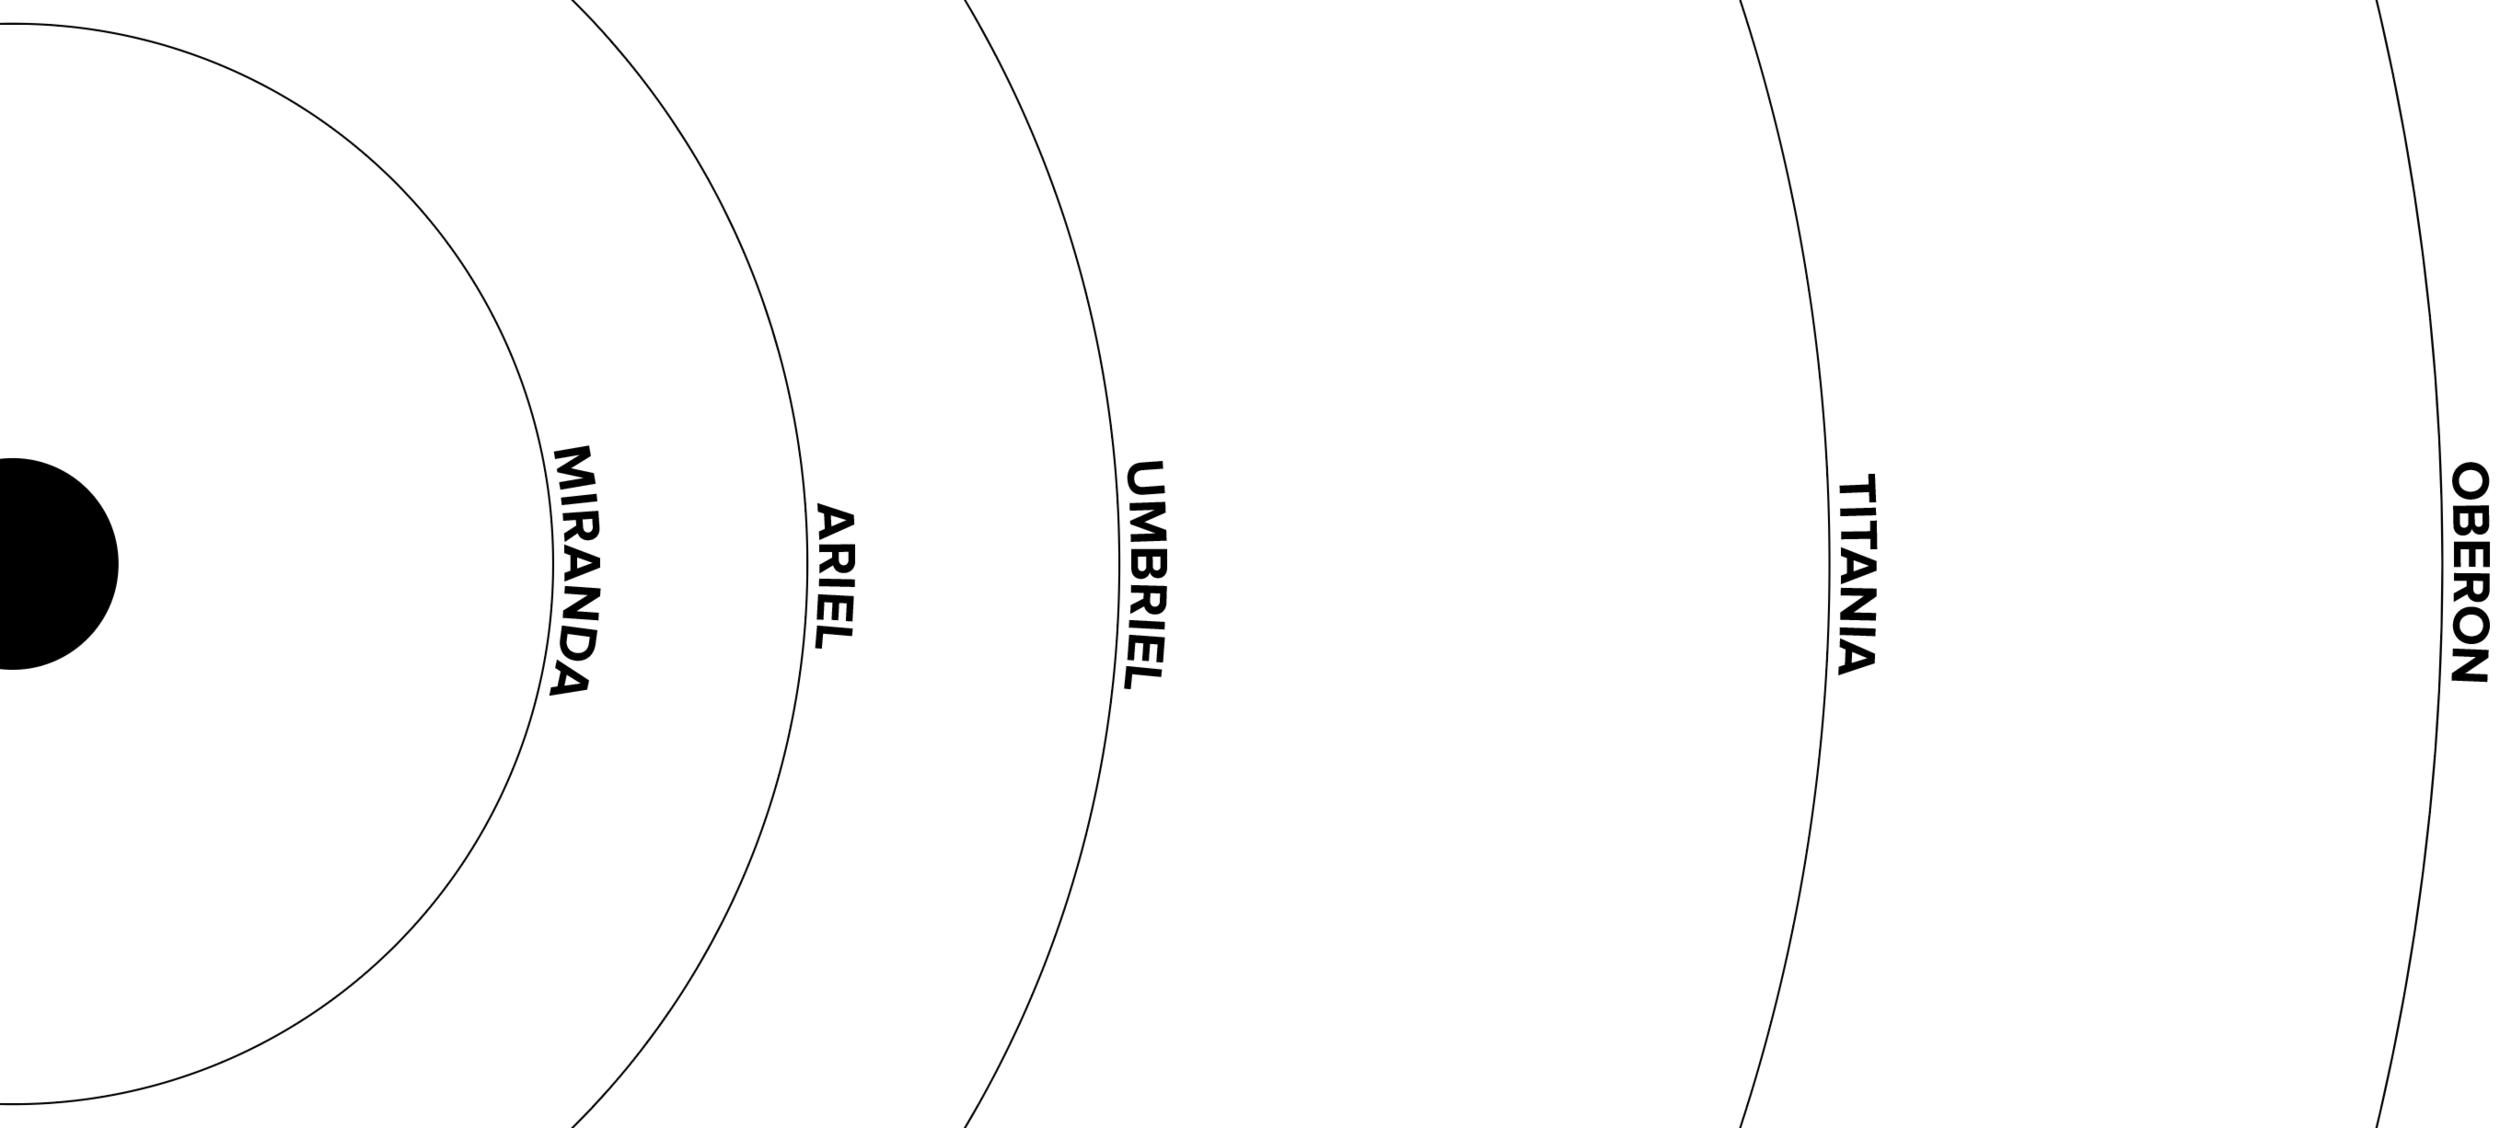 orbits of moons of uranus.png